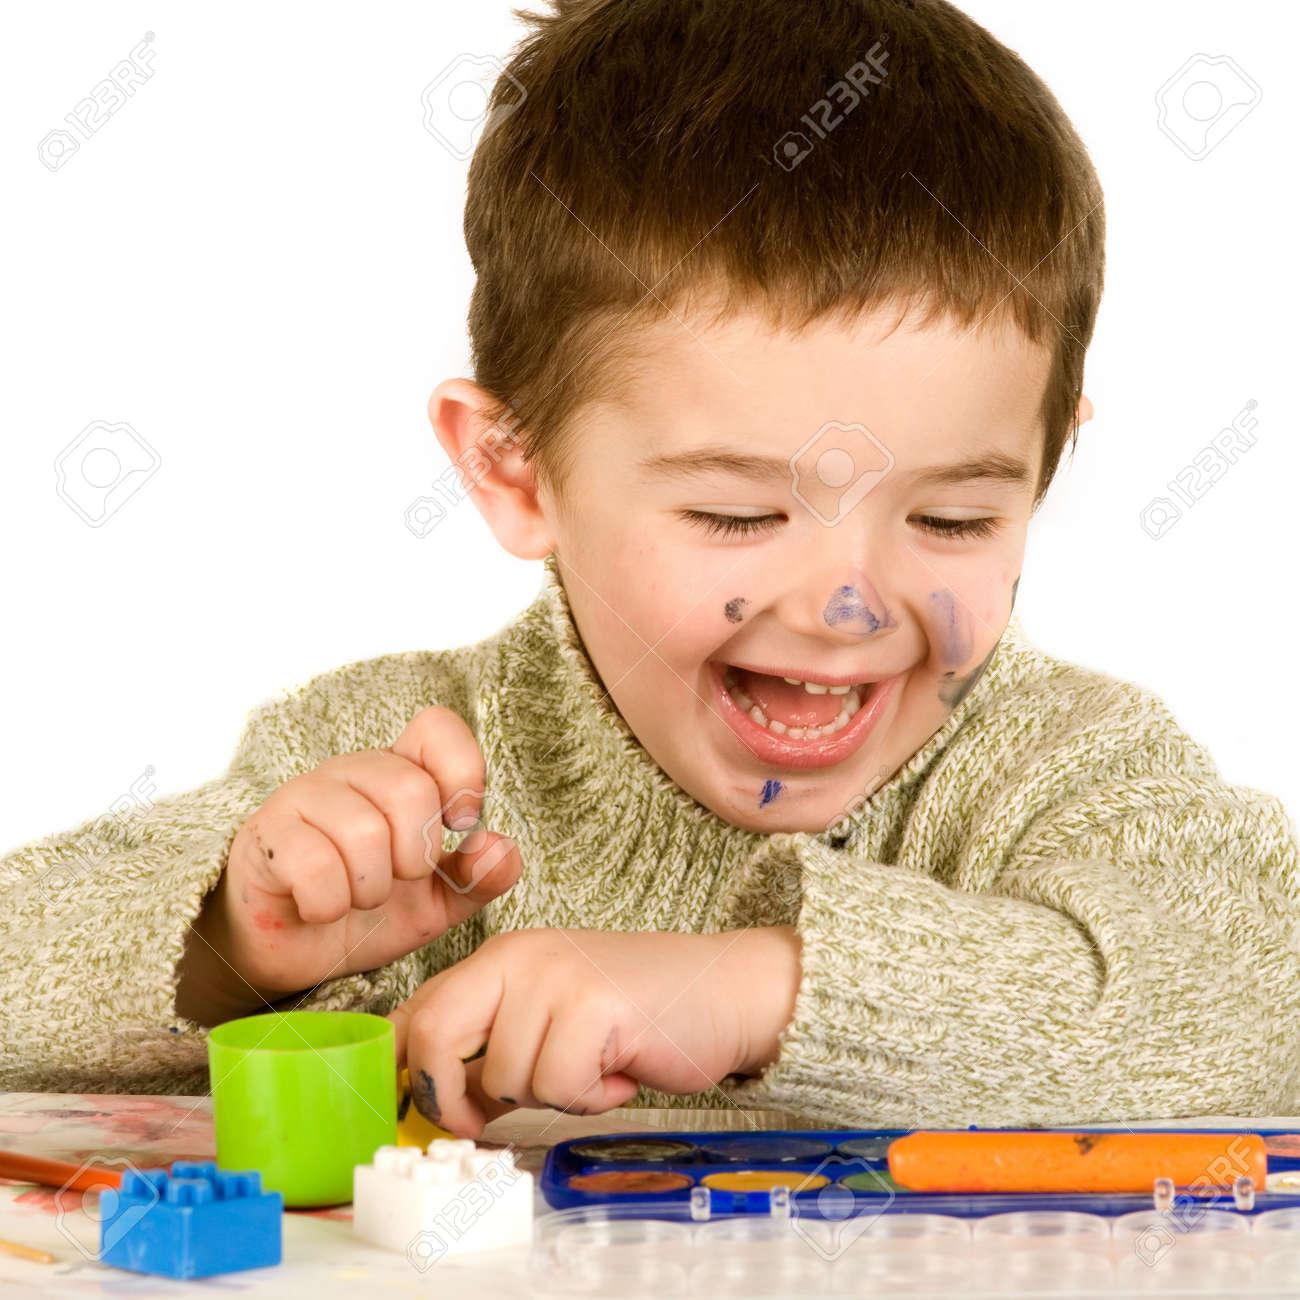 Beautiful young boy enjoying his game. Stock Photo - 4444792